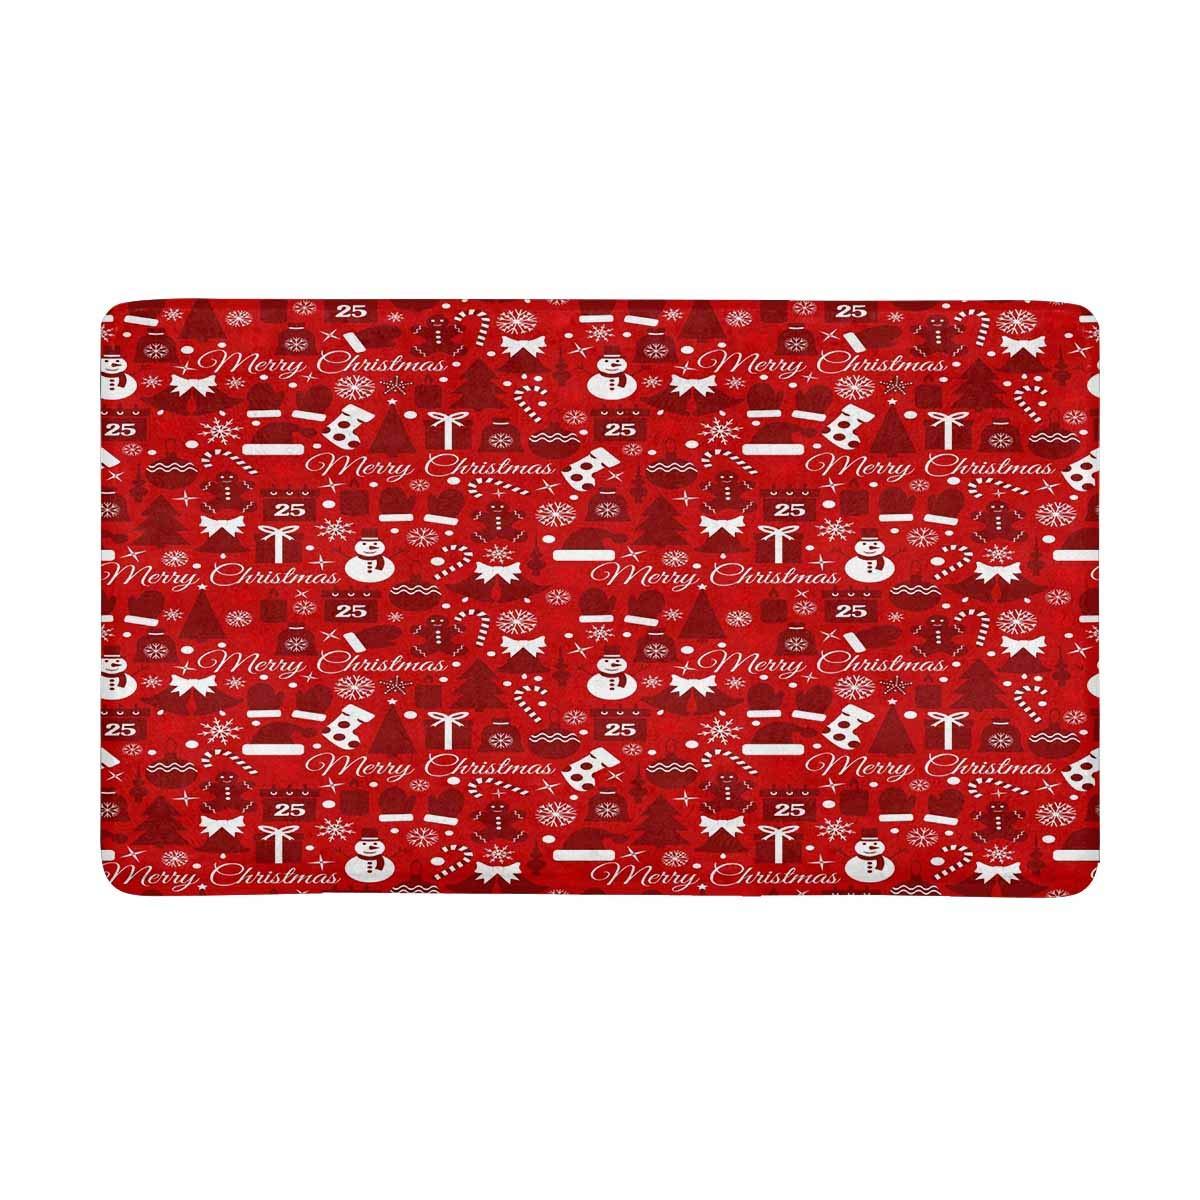 InterestPrint Merry Christmas Doormat Non Slip Indoor/Outdoor Doormat Floor Mat Home Decor, Entrance Rug Rubber Backing 30 X 18 Inches